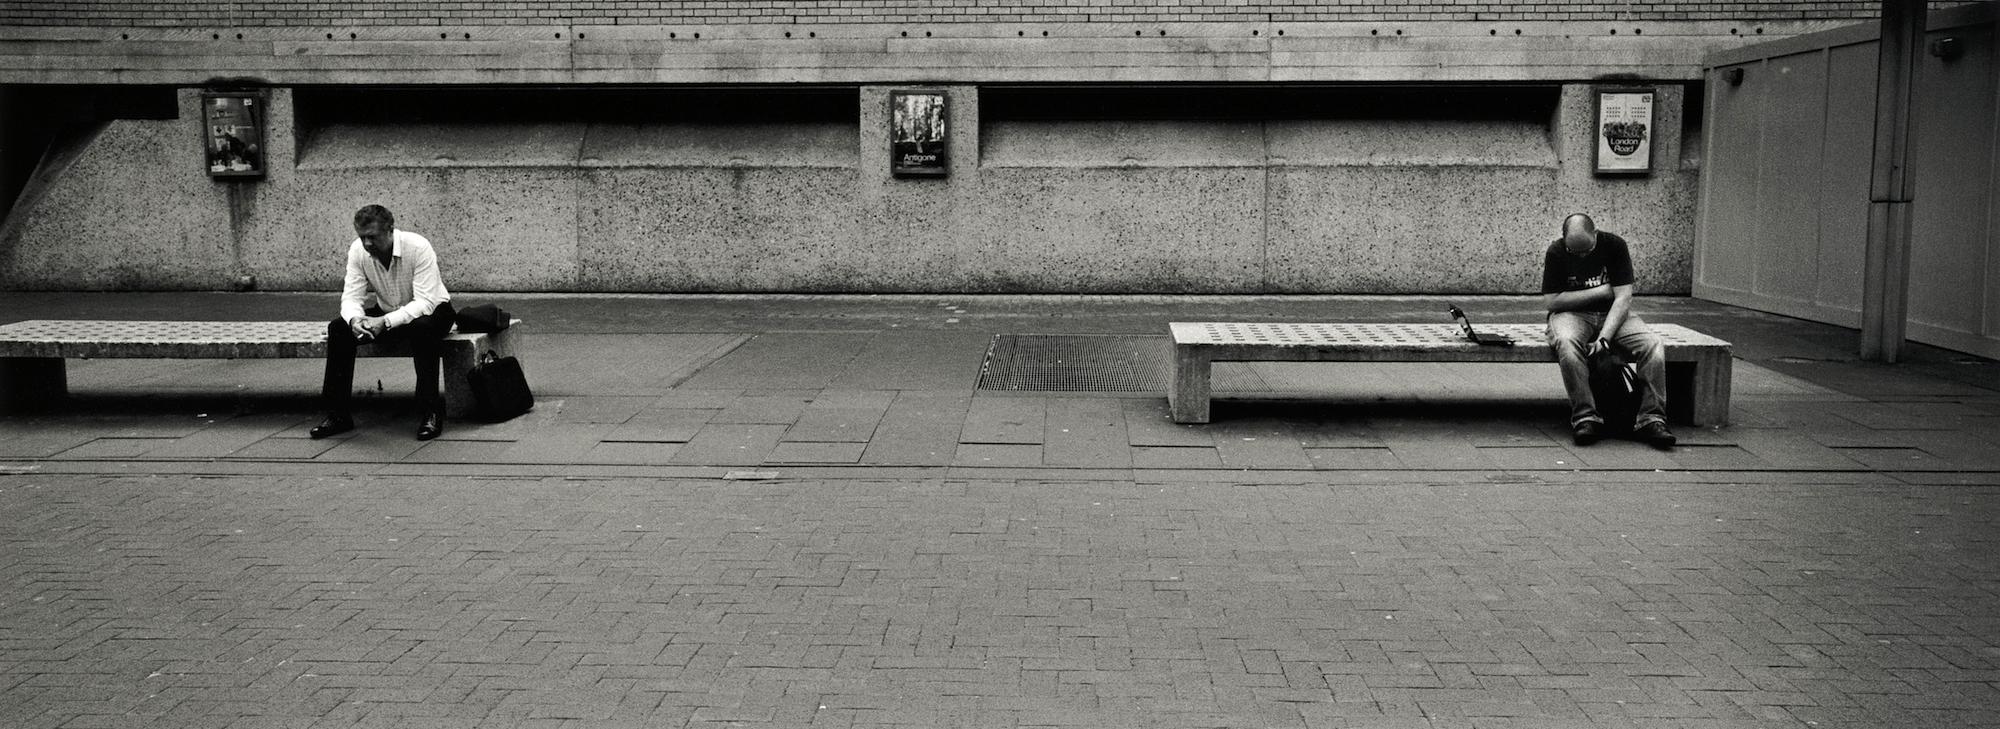 walter_rothwell_panoramic_photography_11.jpg